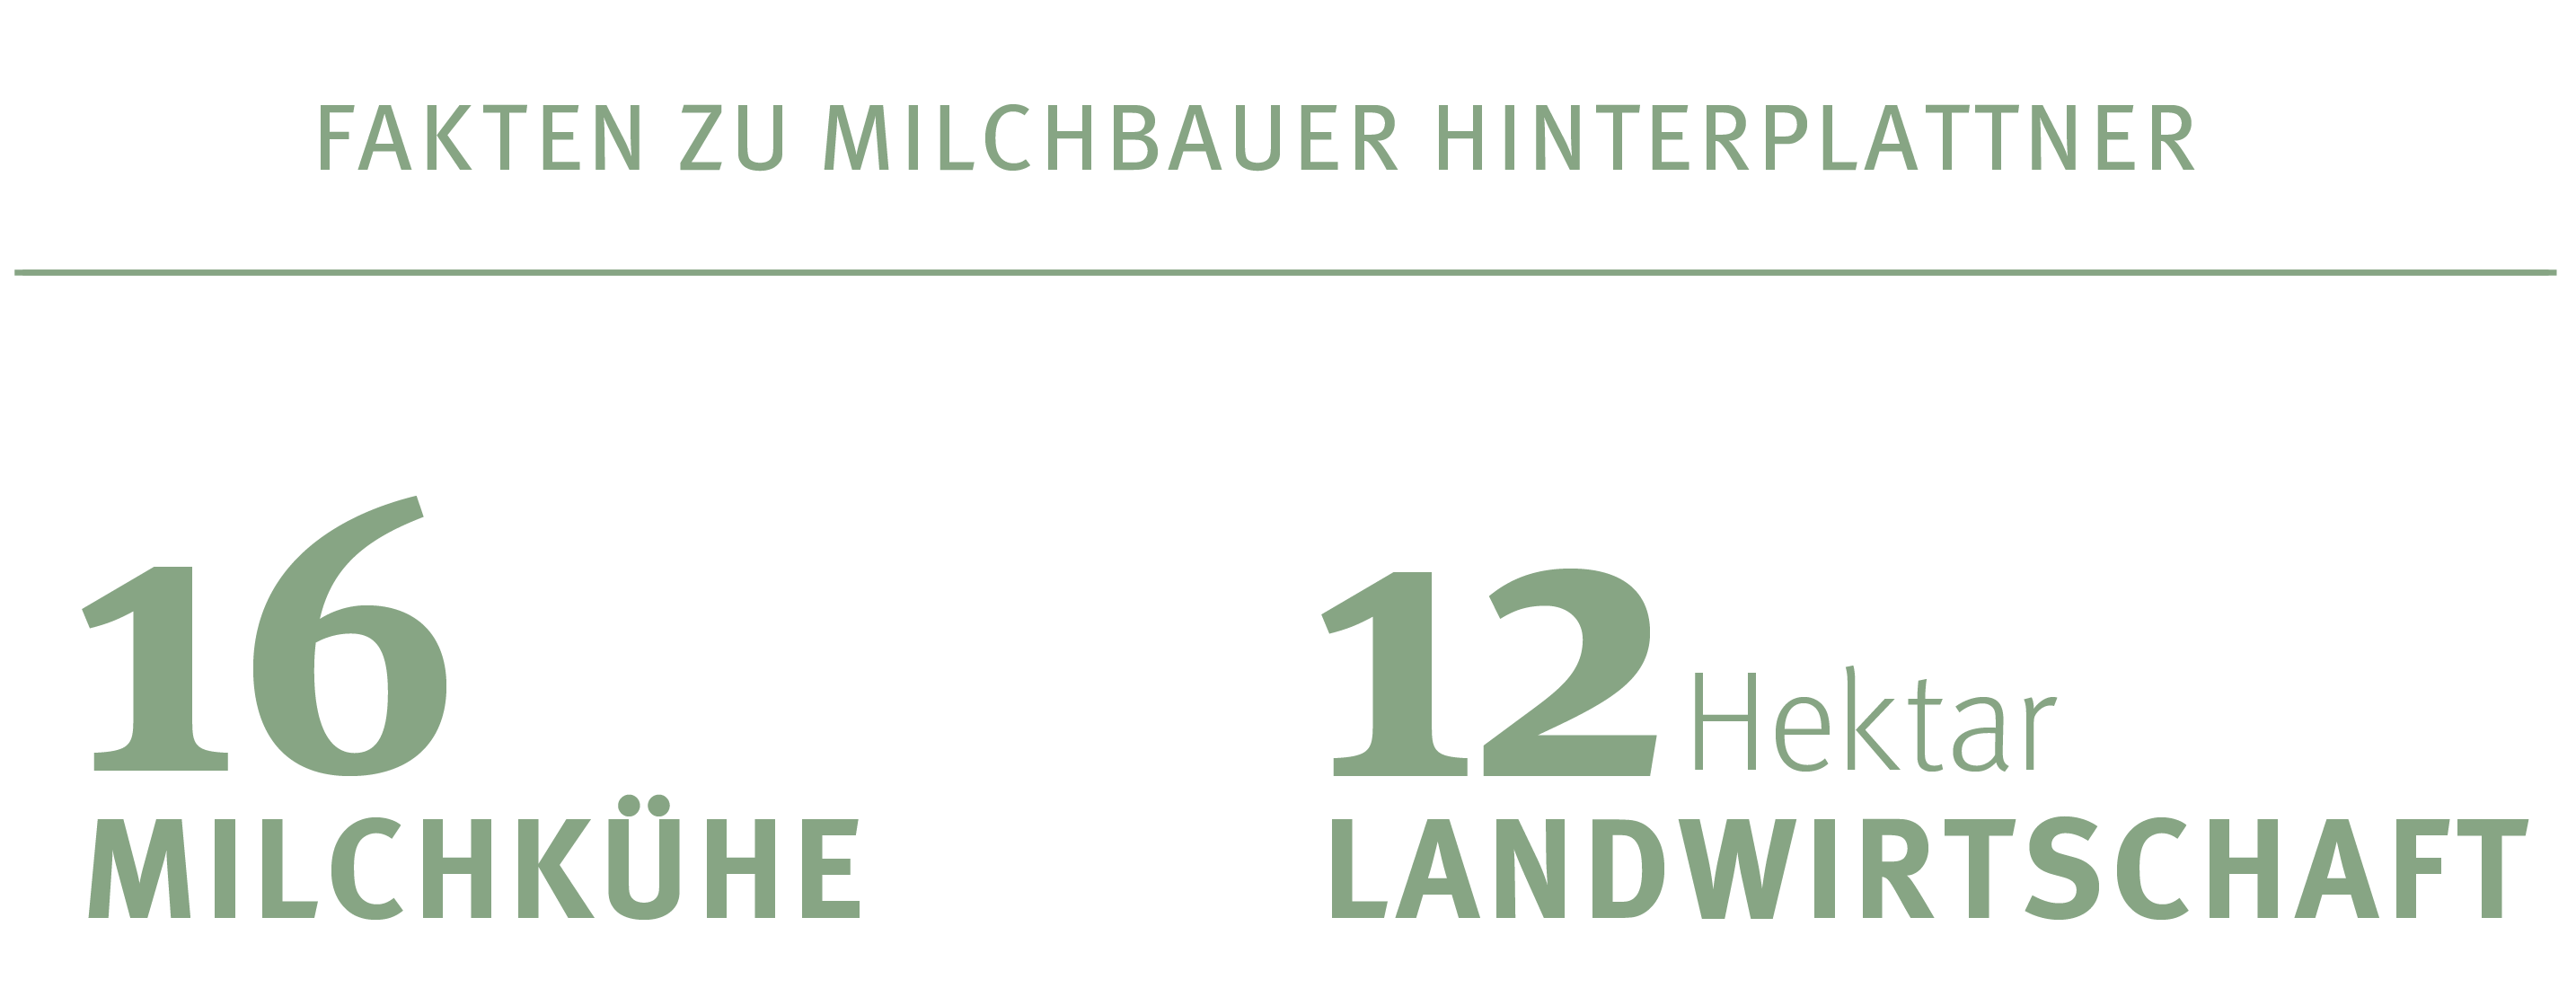 Milchbauer Hinterplattner